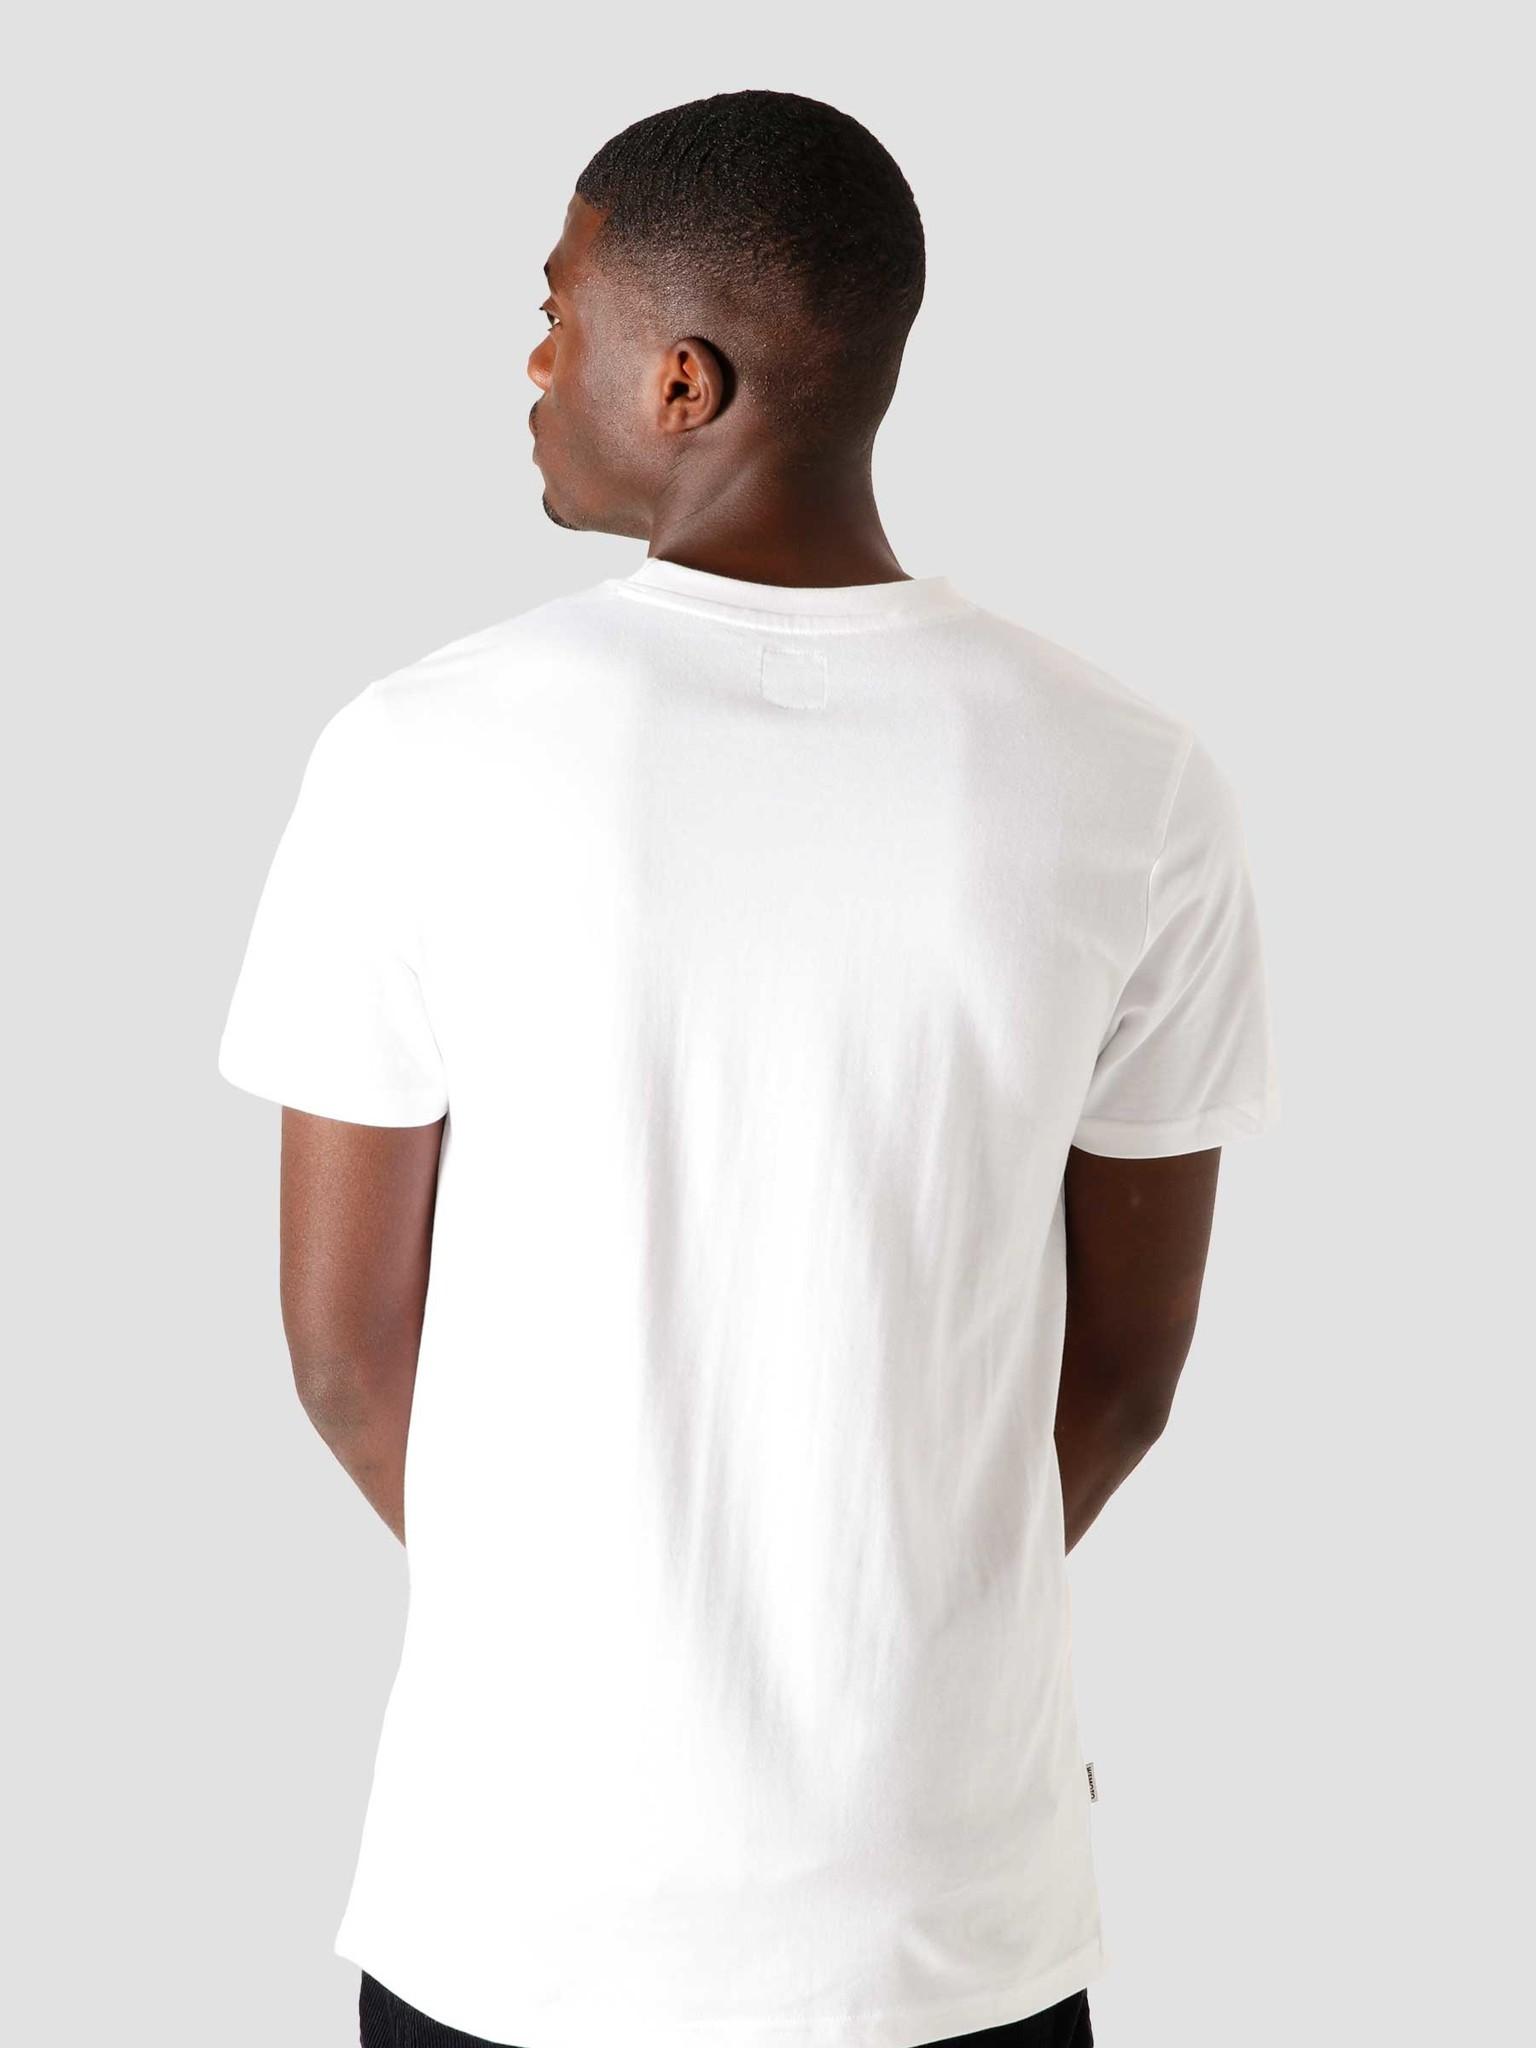 Wemoto Wemoto Fine T-Shirt White 161.122-200